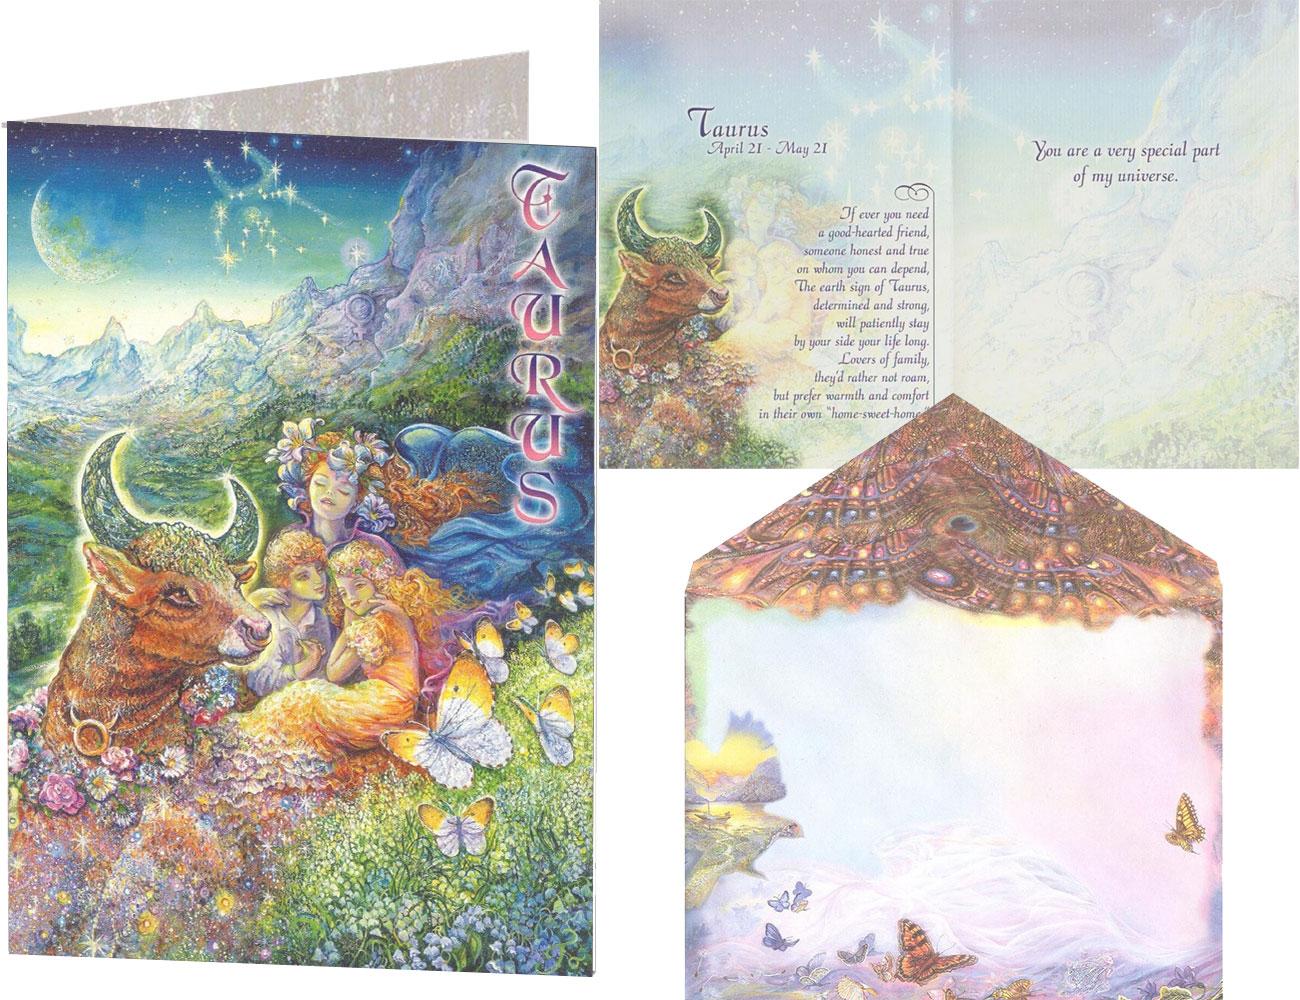 Taurus Zodiac card by Josephine Wall